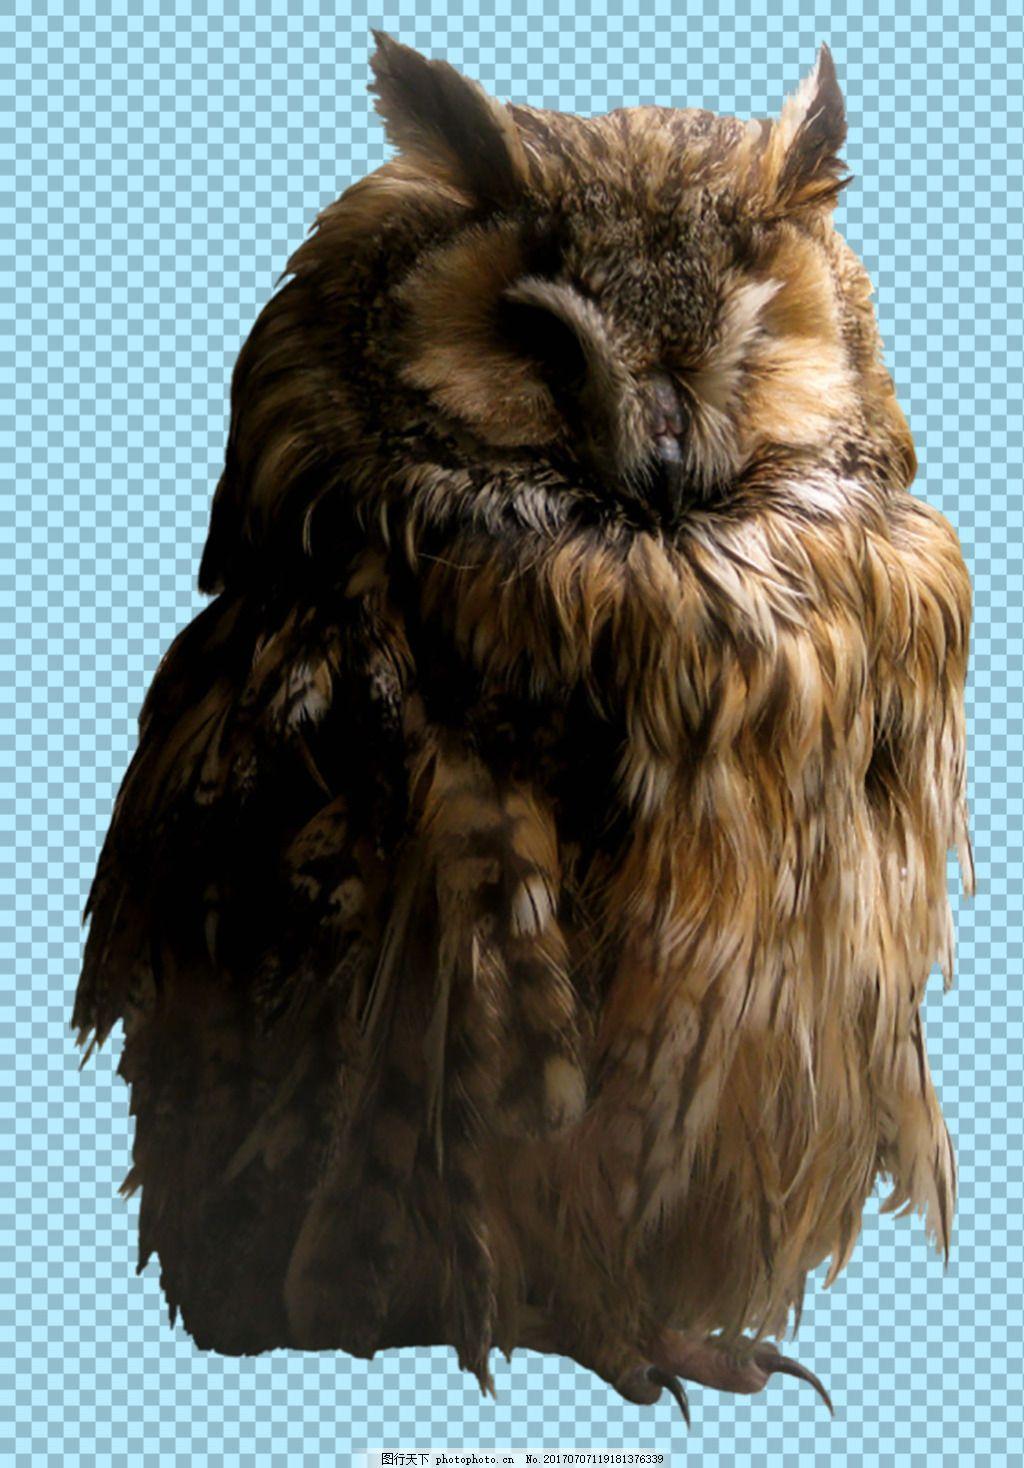 可爱动物图片 家禽 家畜 动物大全 野生动物 世界上最萌的动物 可爱